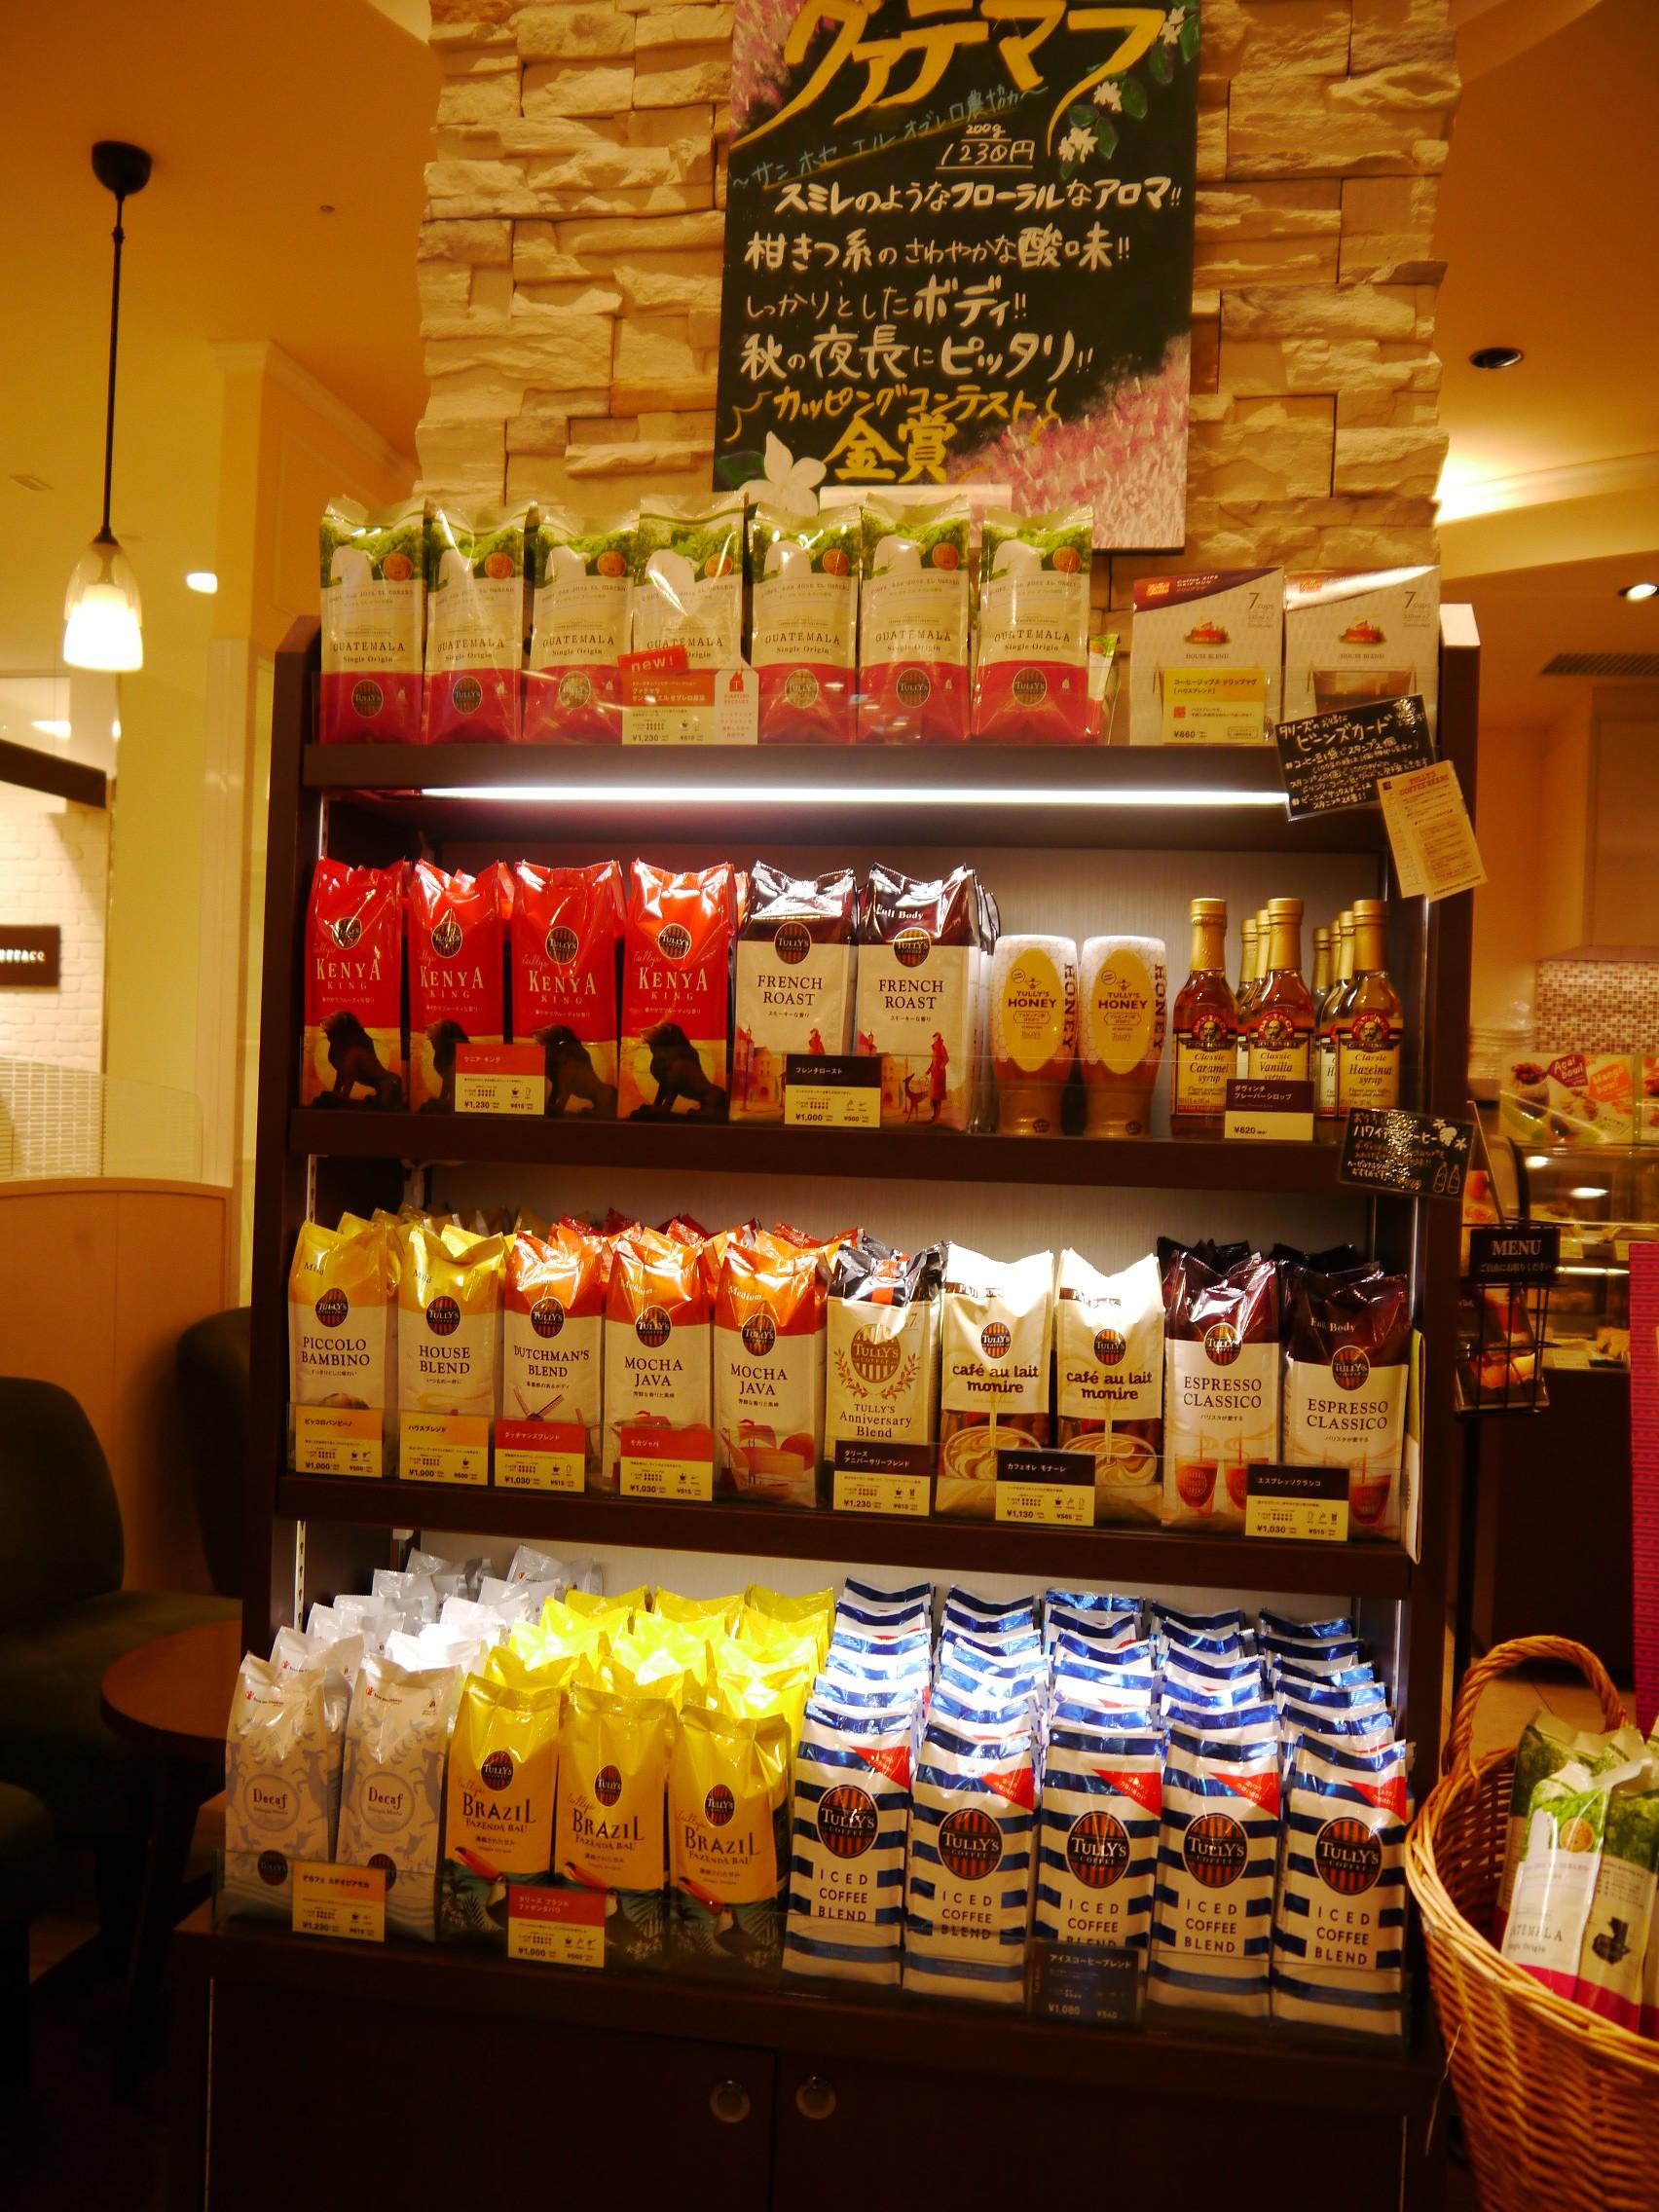 物販コーナー|タリーズコーヒー